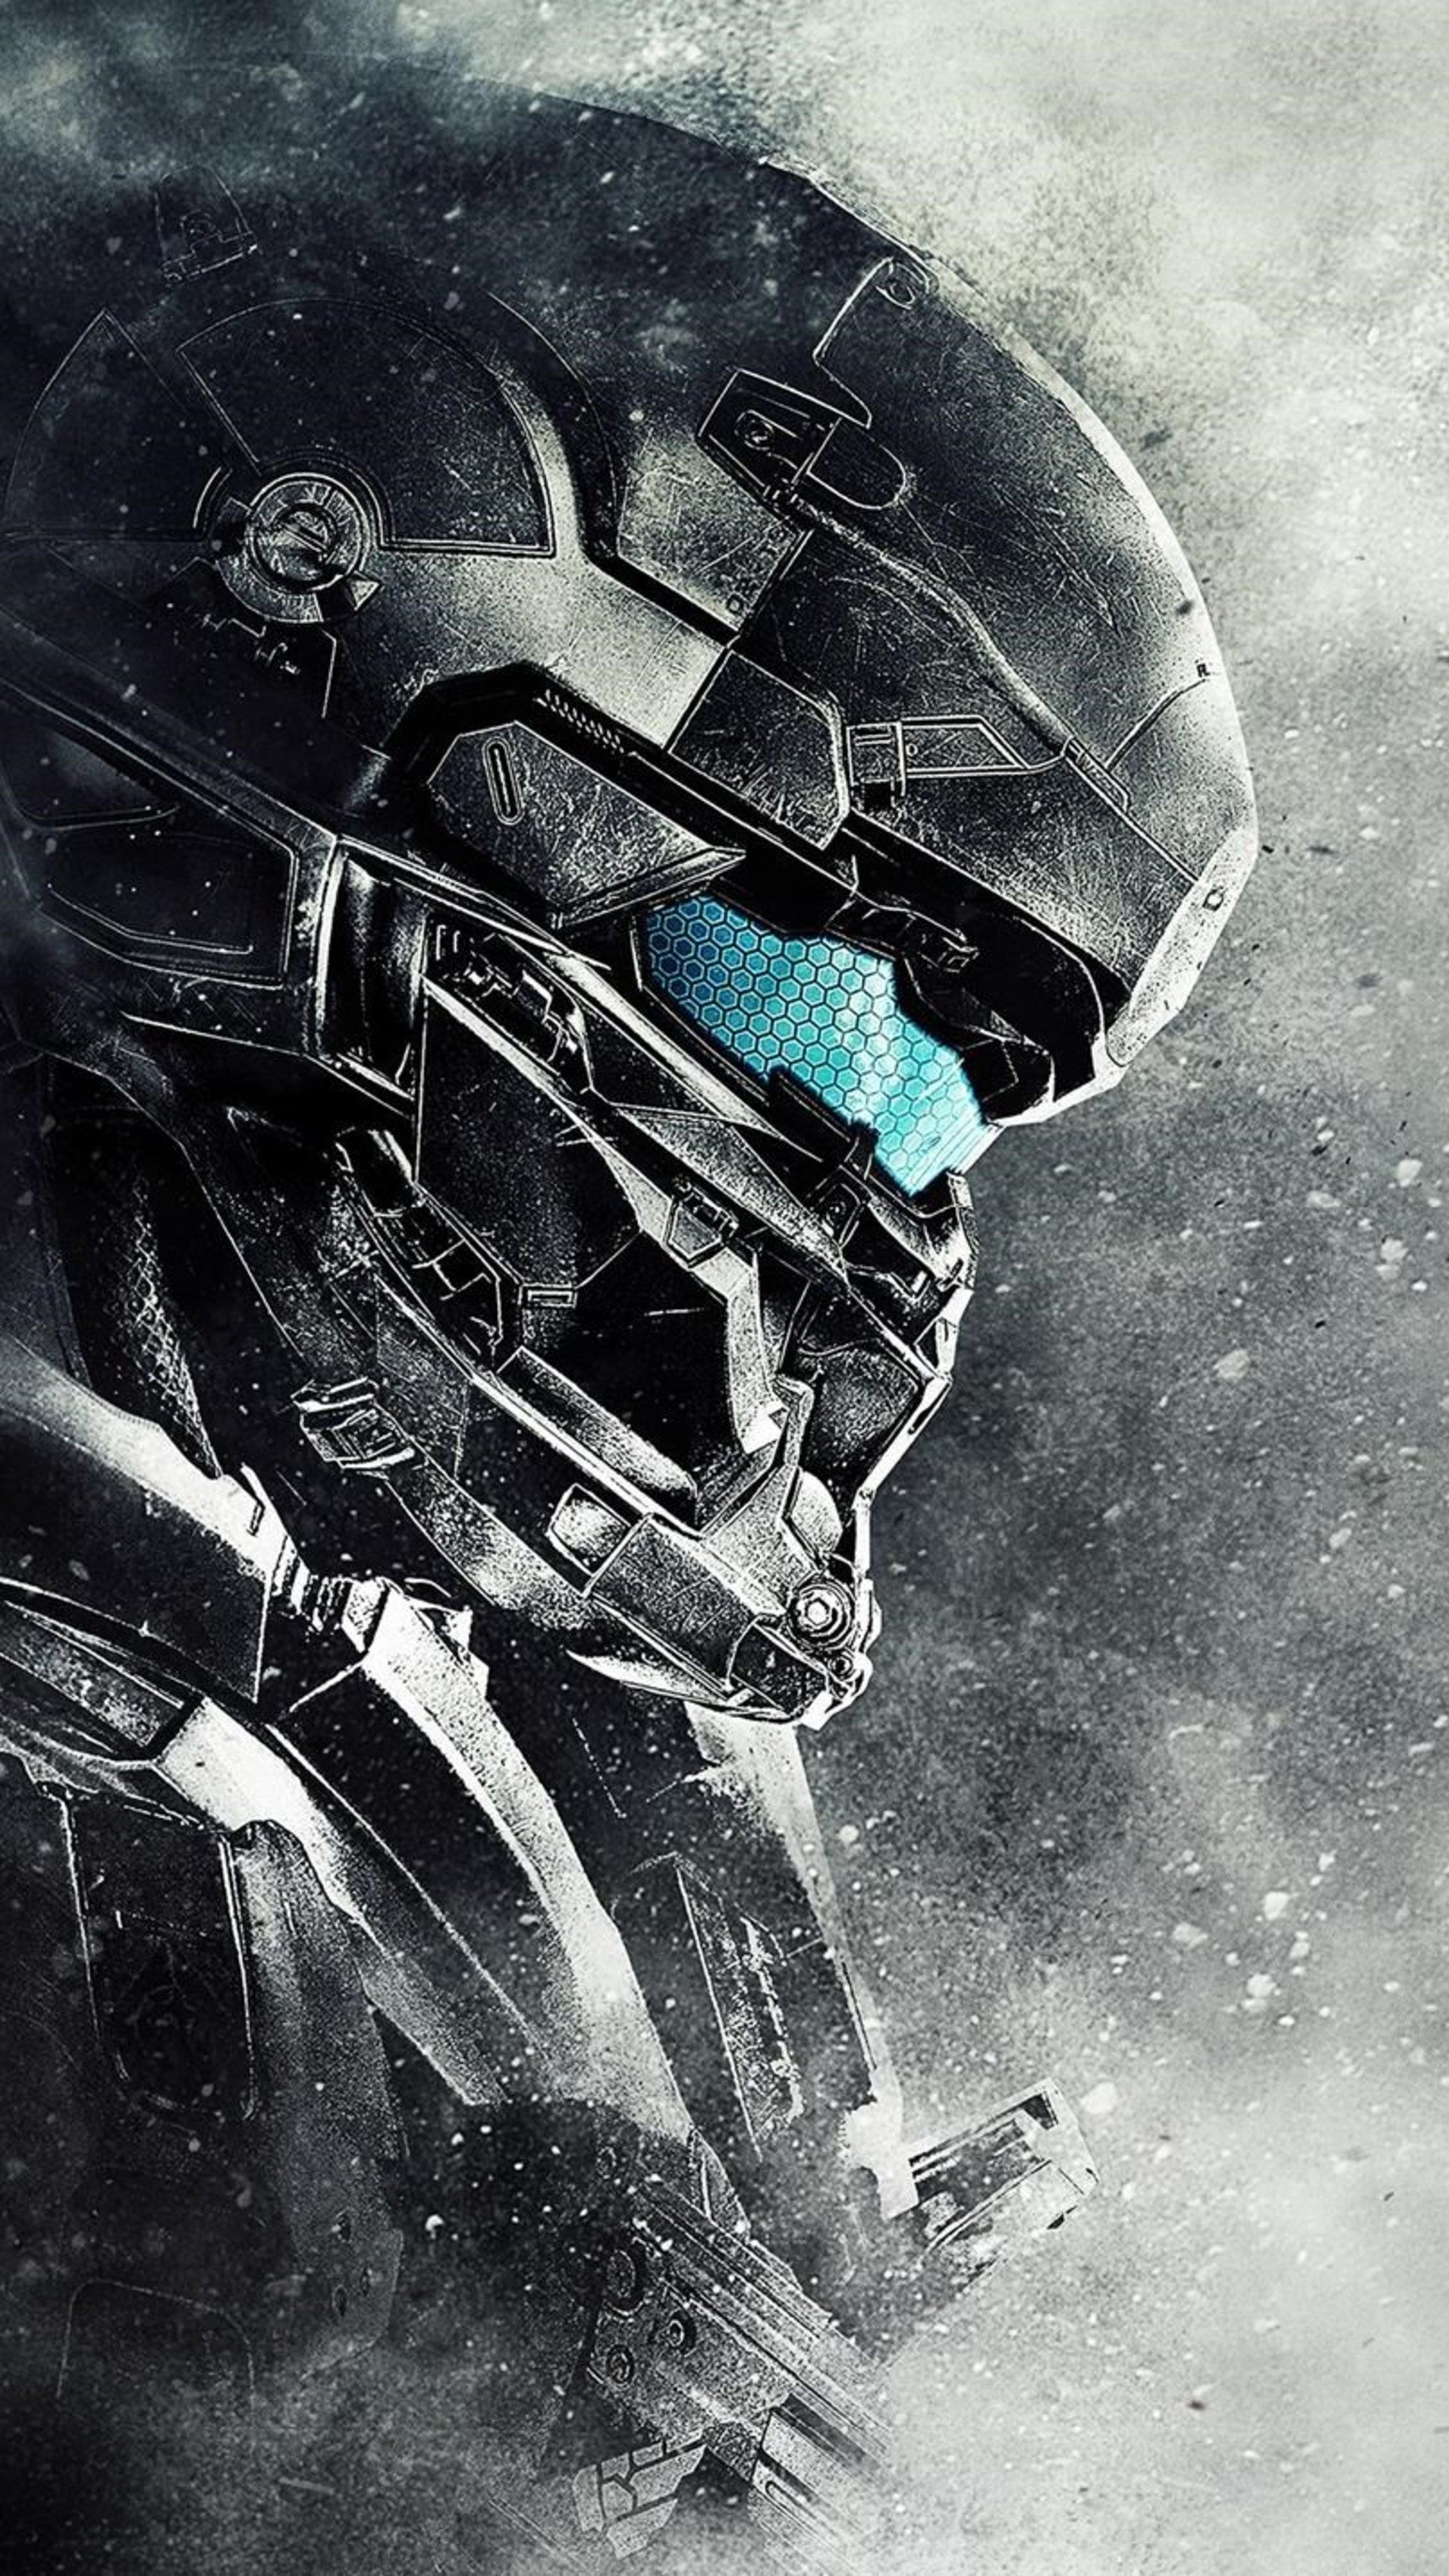 Misc Spartan Locke Halo 5 Wallpapers Mejores Fondos De Pantalla De Videojuegos Fondos De Pantalla De Juegos Halo Fondos De Pantalla